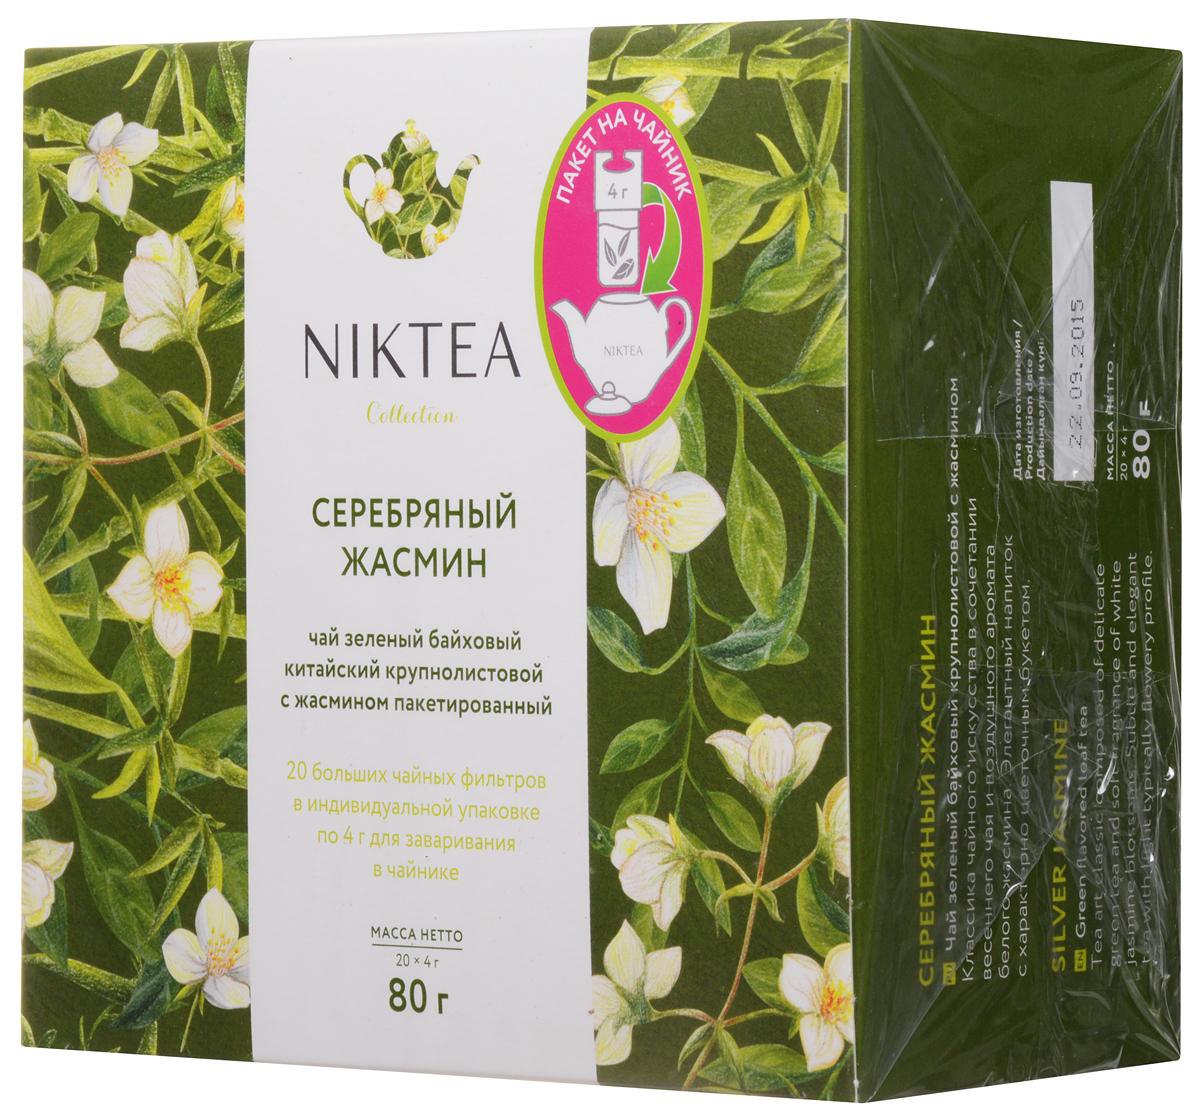 Niktea Silver Jasmine чай зеленый для чайника, 20 пакетов по 4 гTALTHA-GP0004Niktea Silver Jasmine - классика чайного искусства в сочетании весеннего чая и воздушного аромата белого жасмина. Элегантный напиток с характерным цветочным букетом. Коллекция NikTea разработана командой экспертов, имеющих богатый опыт в чайной индустрии. Во время ее создания выбирались самые надежные поставщики из Европы и стран происхождения чая, а в линейку включили не только топовые аутентичные позиции, но и новые интересные рецептуры в традициях современной чайной миксологии. NikTea - это действительно качественный чай. Для истинных ценителей мы предлагаем безупречное качество: отборное сырье, фасовку на высокотехнологичном производственном комплексе в России, постоянный педантичный контроль готового продукта, а также сертификацию сырья по международным стандартам. NikTea - это разнообразие. В линейках листового и пакетированного чая представлены все основные группы вкусов - от классического черного и зеленого чая до...